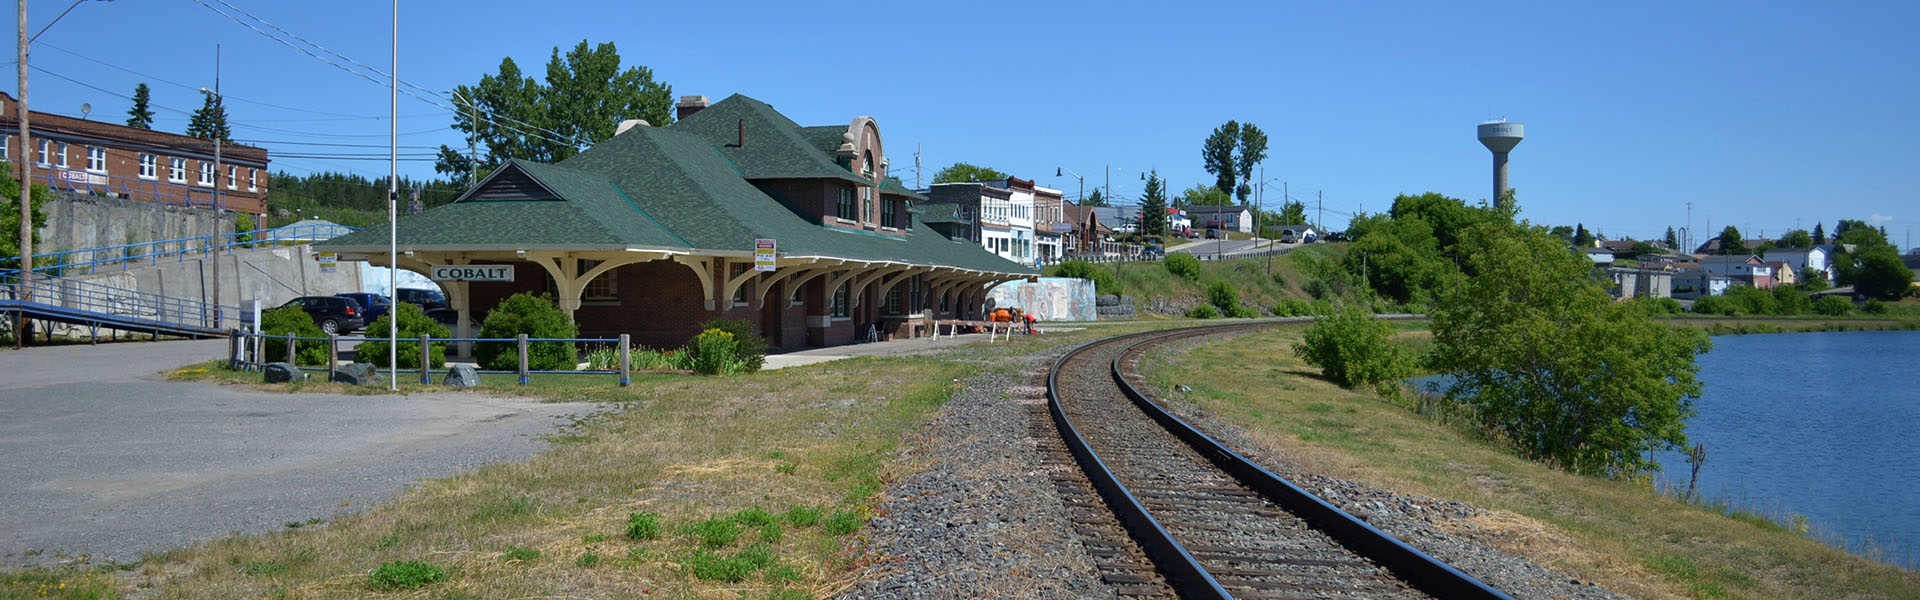 Gare ferroviaire du Nord de l'Ontario